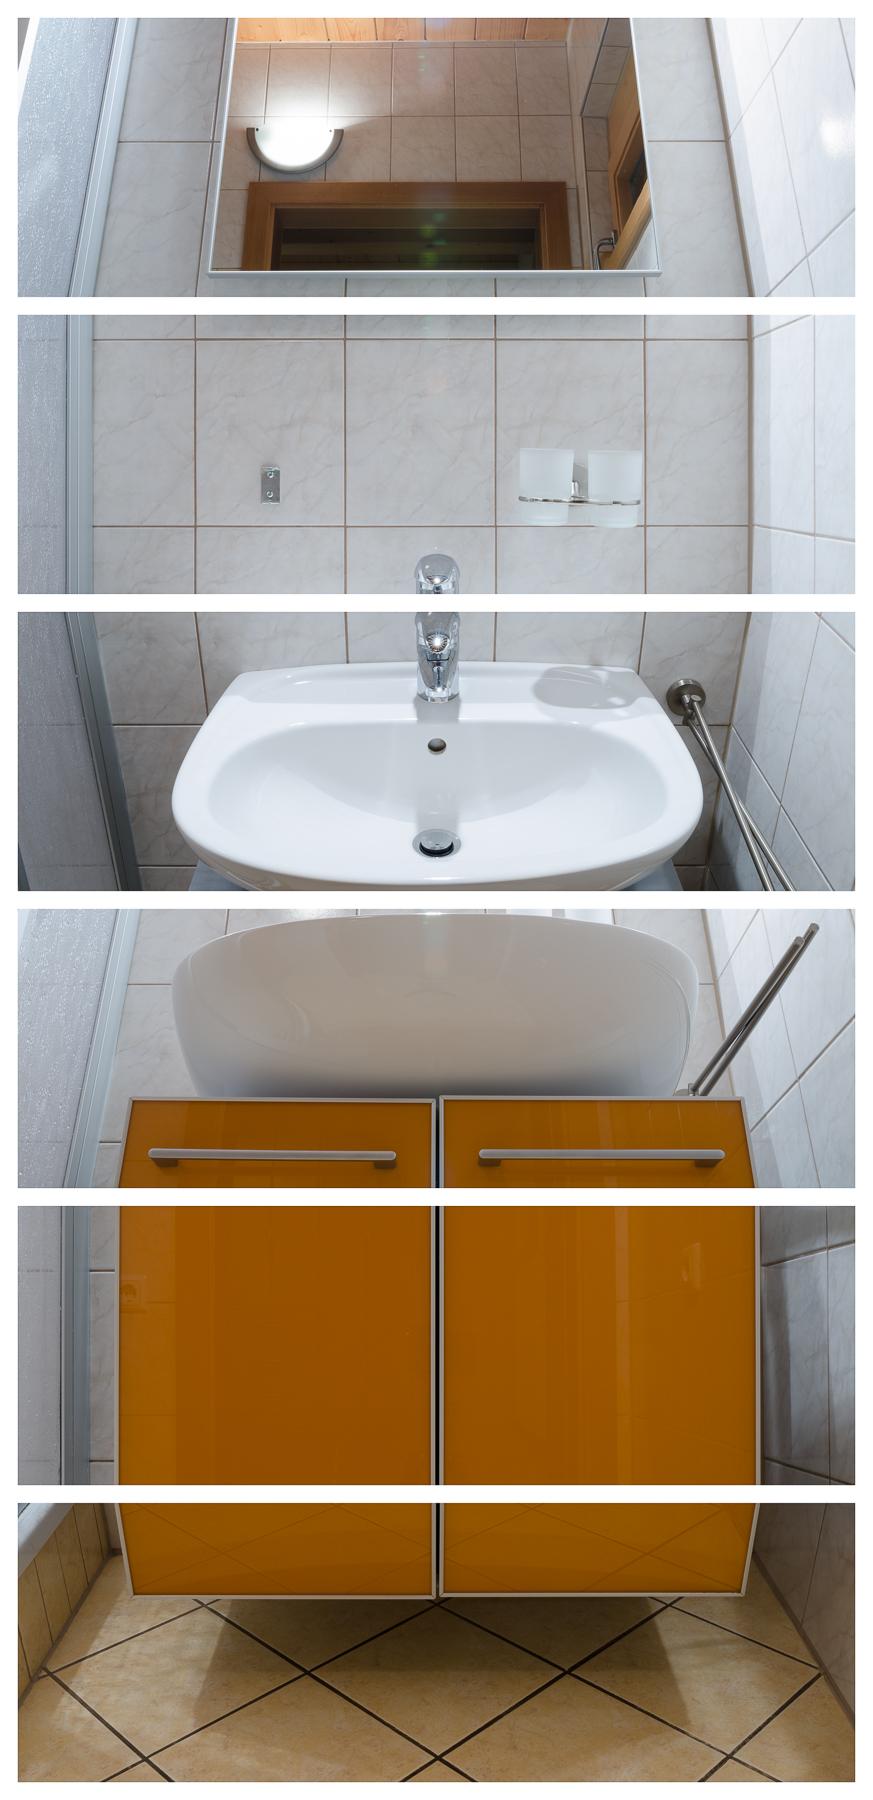 Waschbecken, 2017 Inkjet-Pigmentdruck 6-teilig zu je 78 × 26 cm